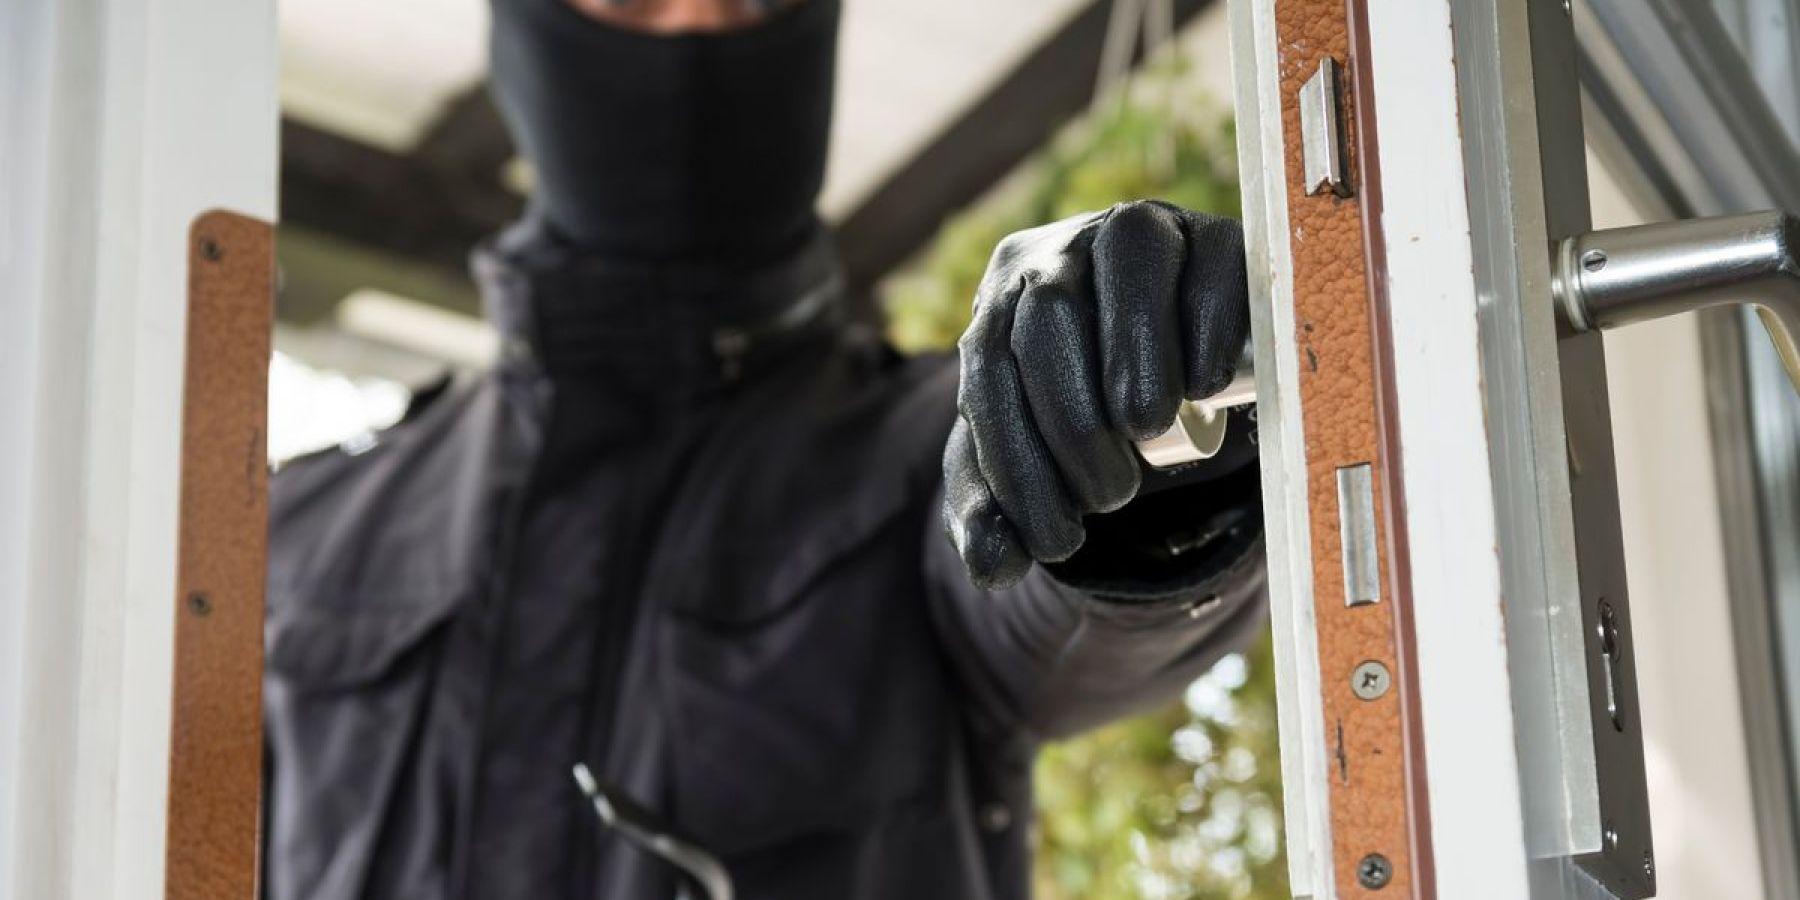 Gute Sicherung lässt Einbrecher auf der Straße stehen